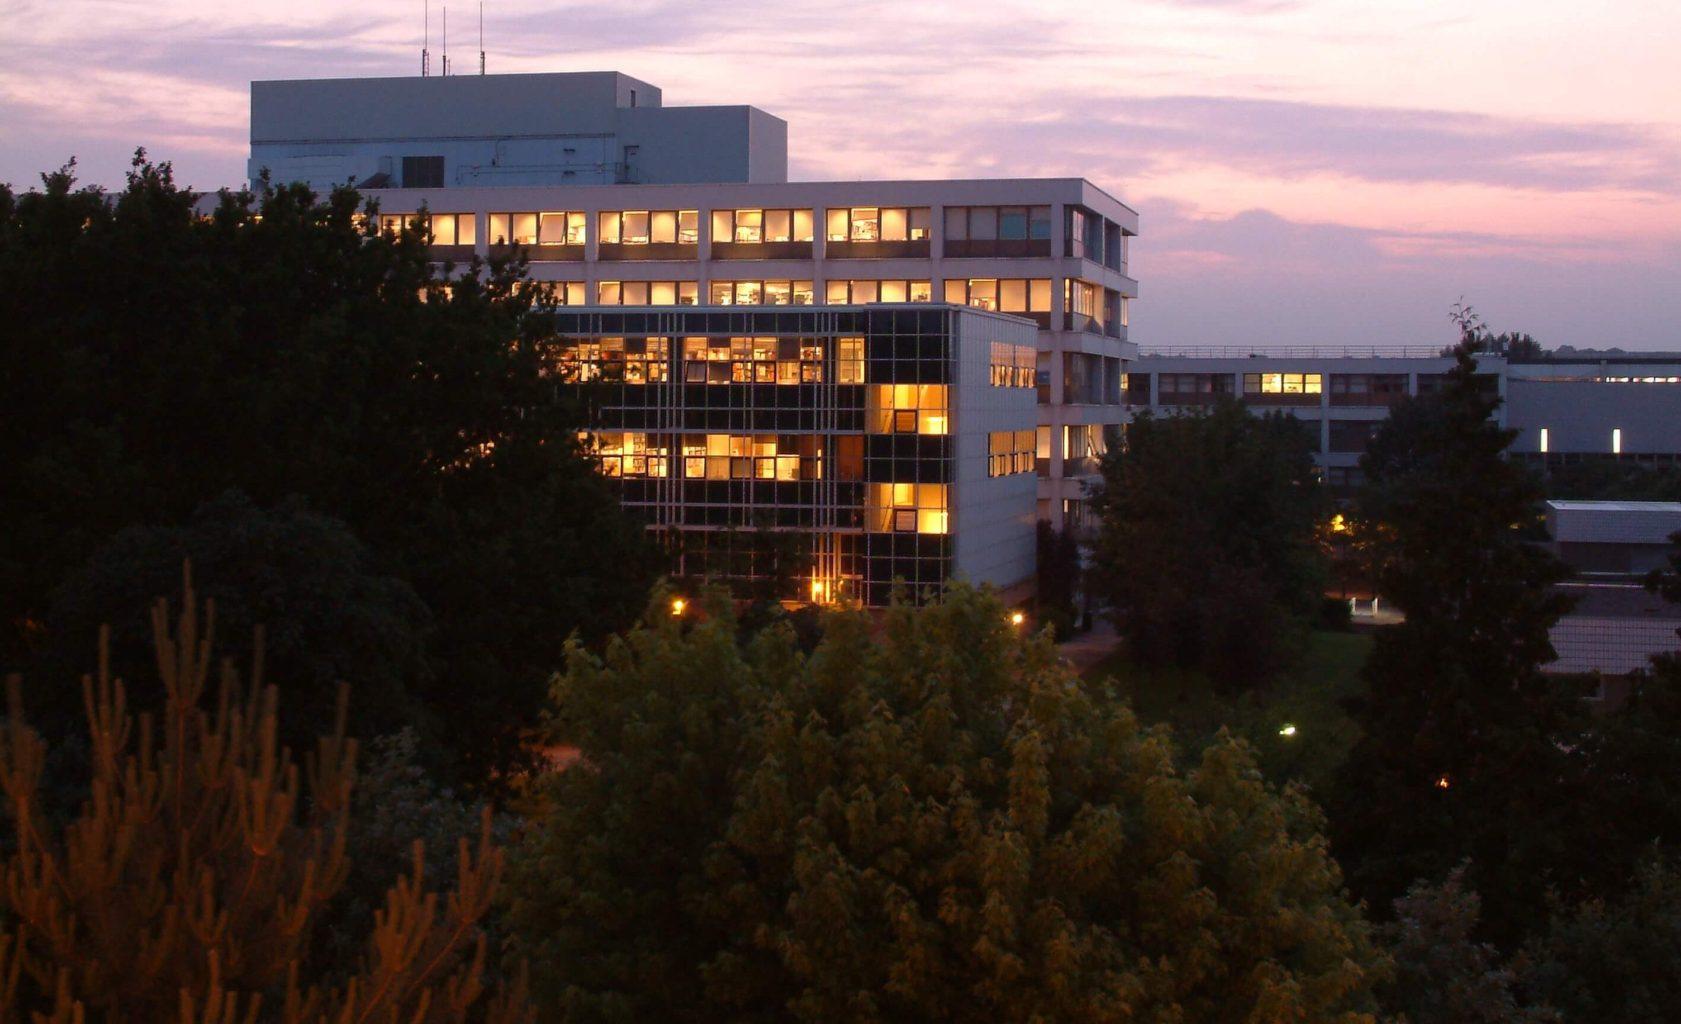 warwick library; warwick university